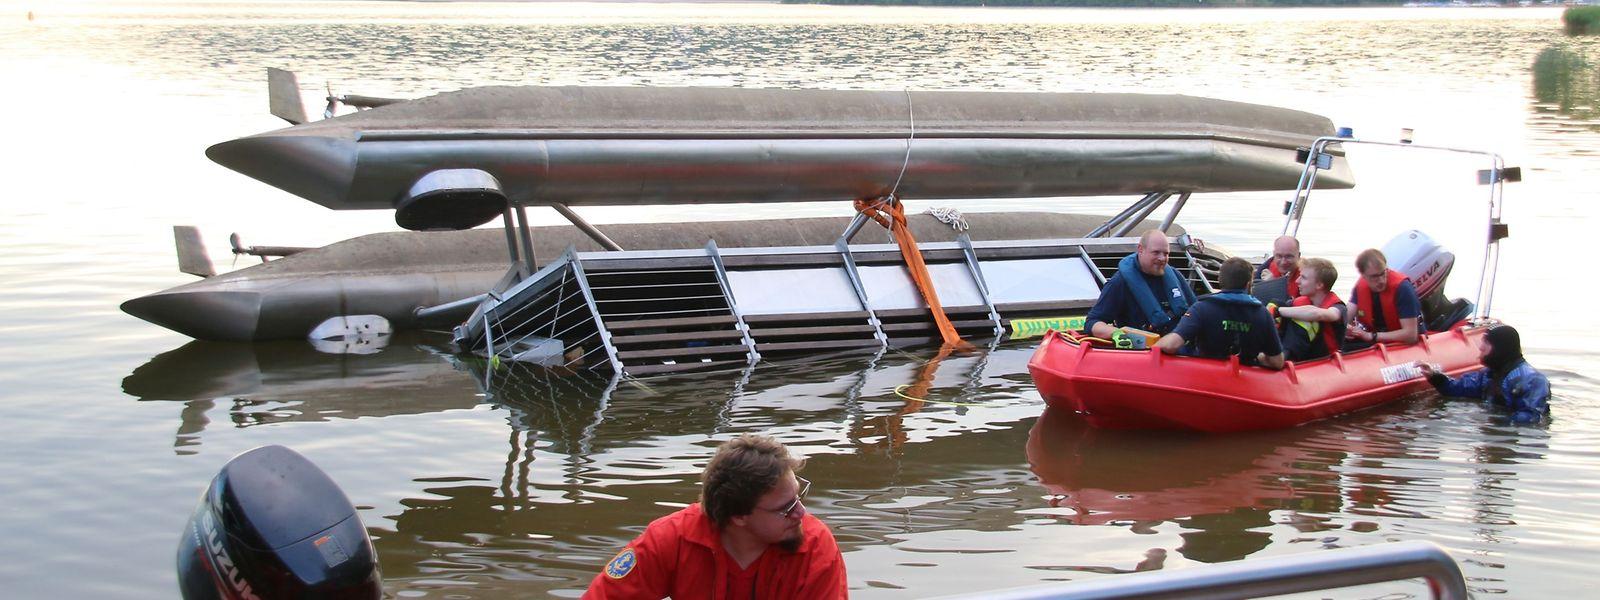 Helfer in Booten mussten Passagiere und Besatzung des gekenterten Katamarans aus dem Wasser retten.